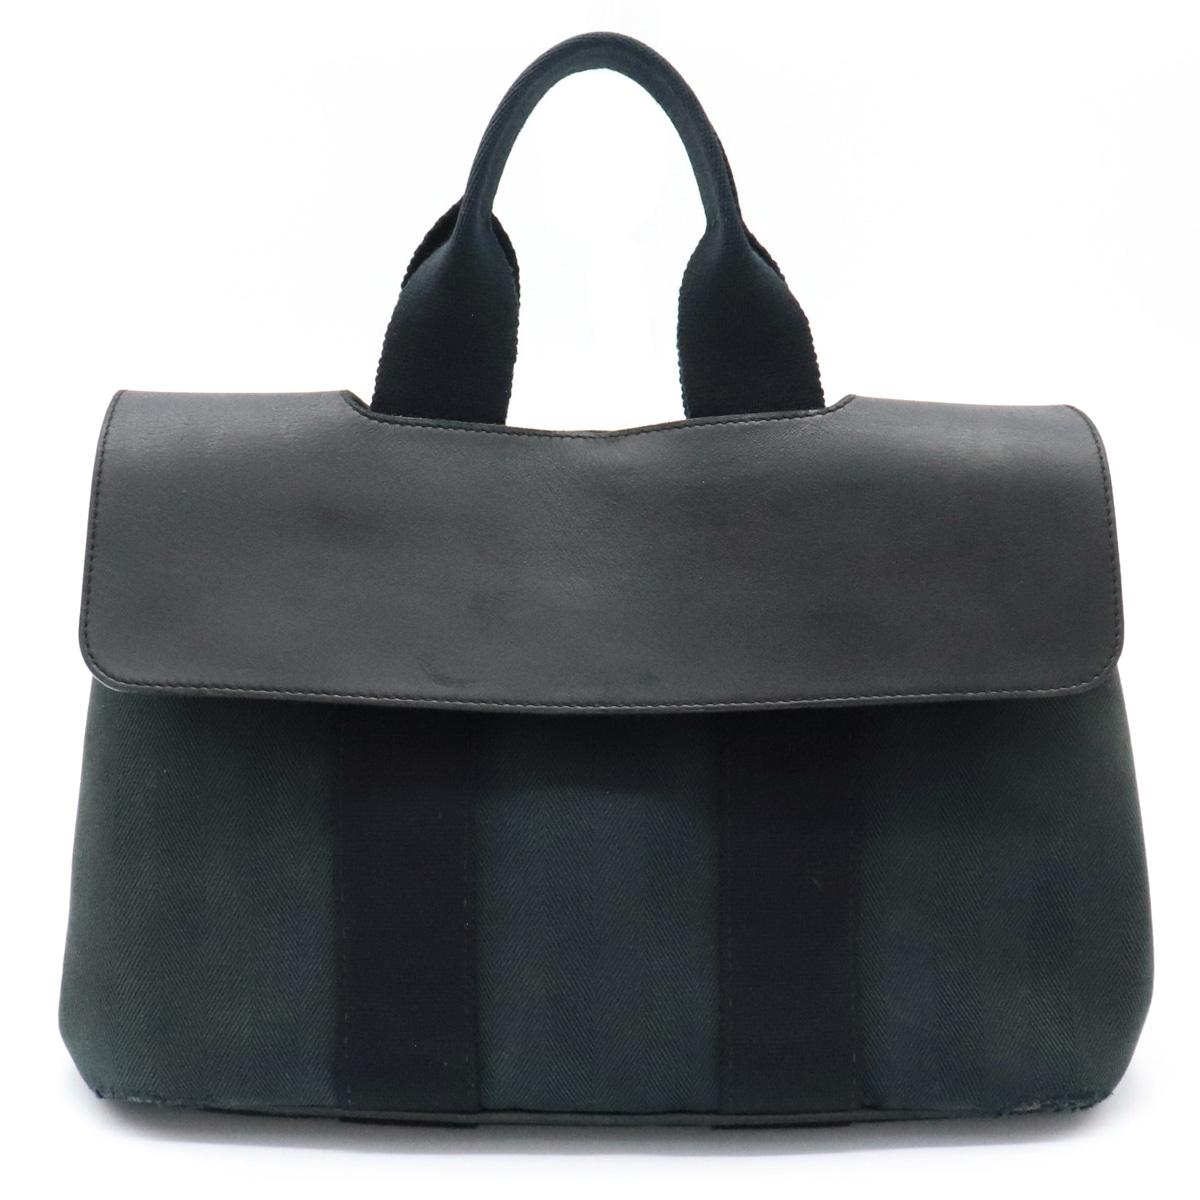 【バッグ】HERMES エルメス ヴァルパライソPM ハンドバッグ トートバッグ ミニトート キャンバス レザー ブラック 黒 【中古】